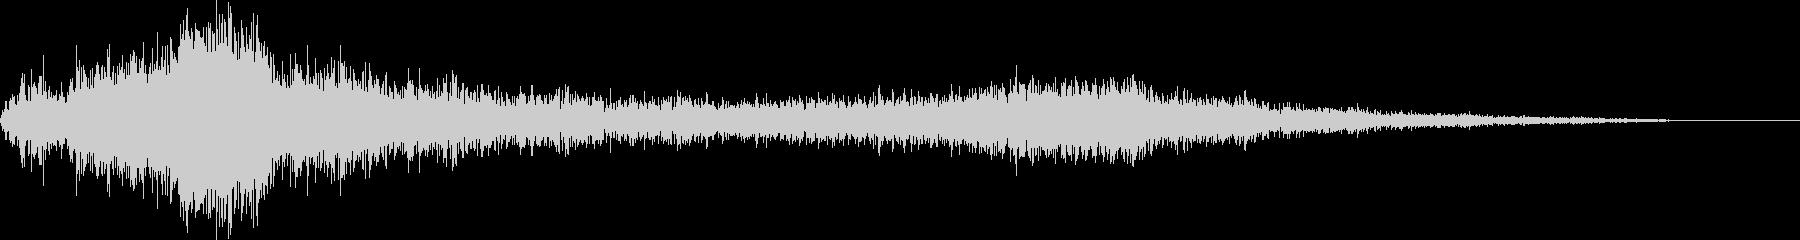 【ホラー】 ダークなタイトルロゴ_15の未再生の波形